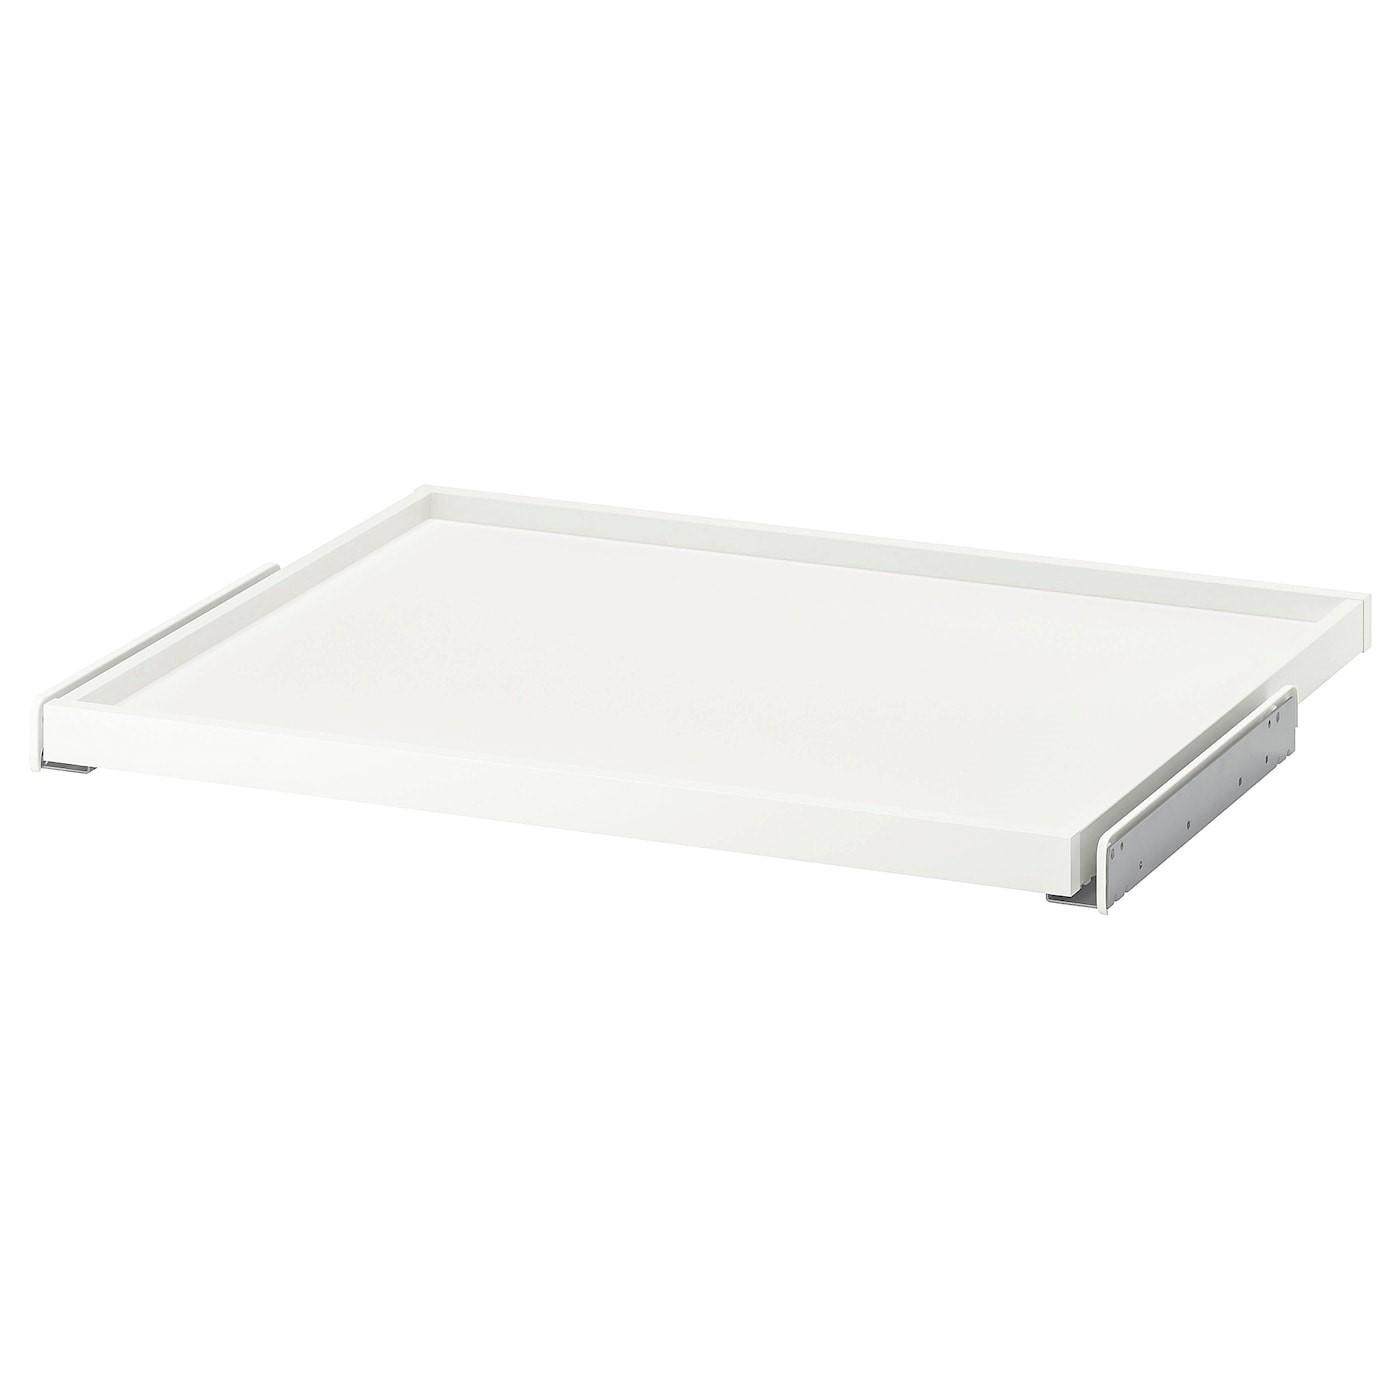 IKEA KOMPLEMENT выдвижная полка белый 67.6x56.3x3.5 см 302.463.74